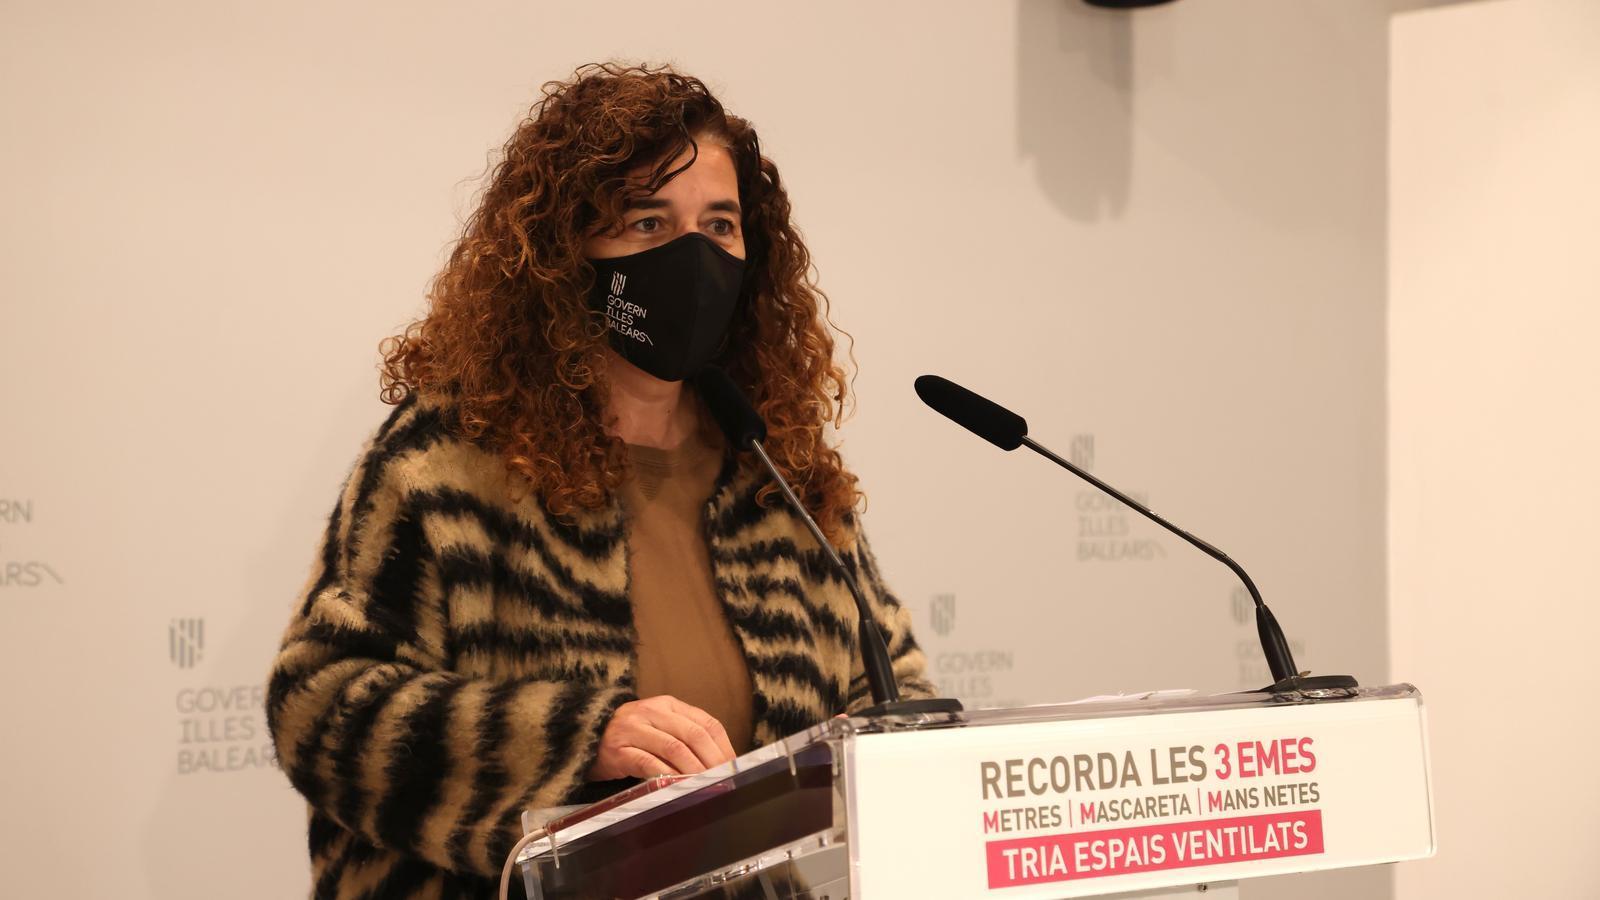 La consellera de Presidència i portaveu del Govern, Pilar Costa